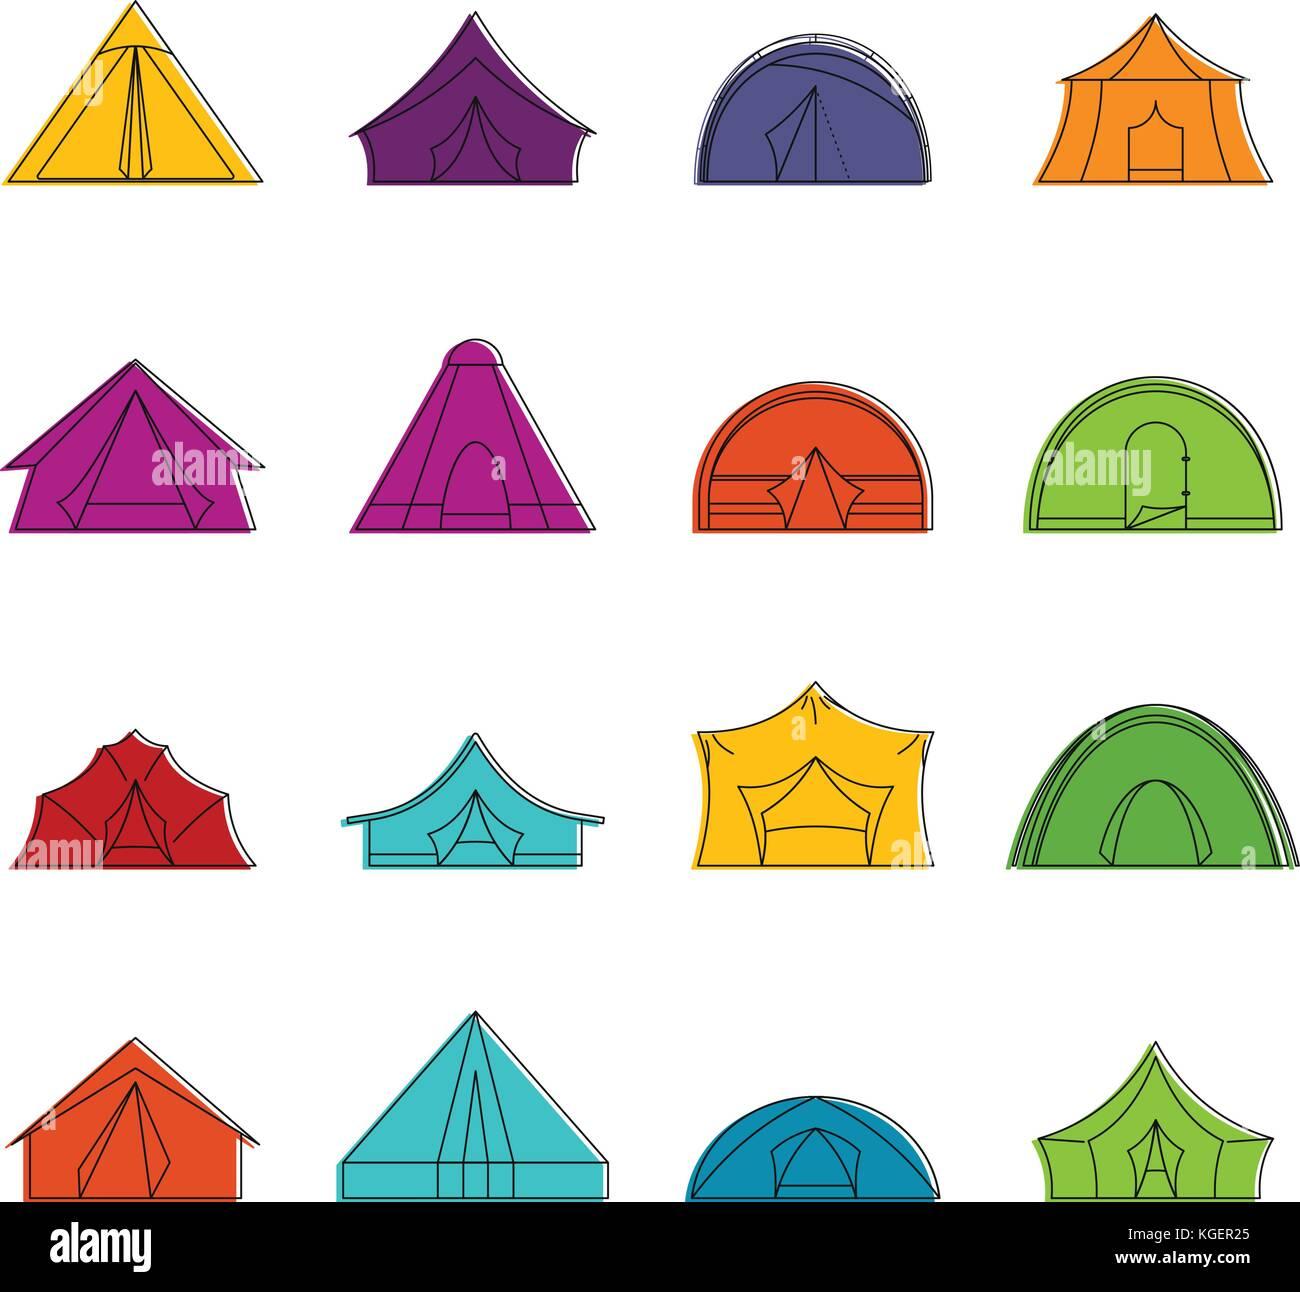 Tent forms icons doodle set  sc 1 st  Alamy & Tent forms icons doodle set Stock Vector Art u0026 Illustration ...